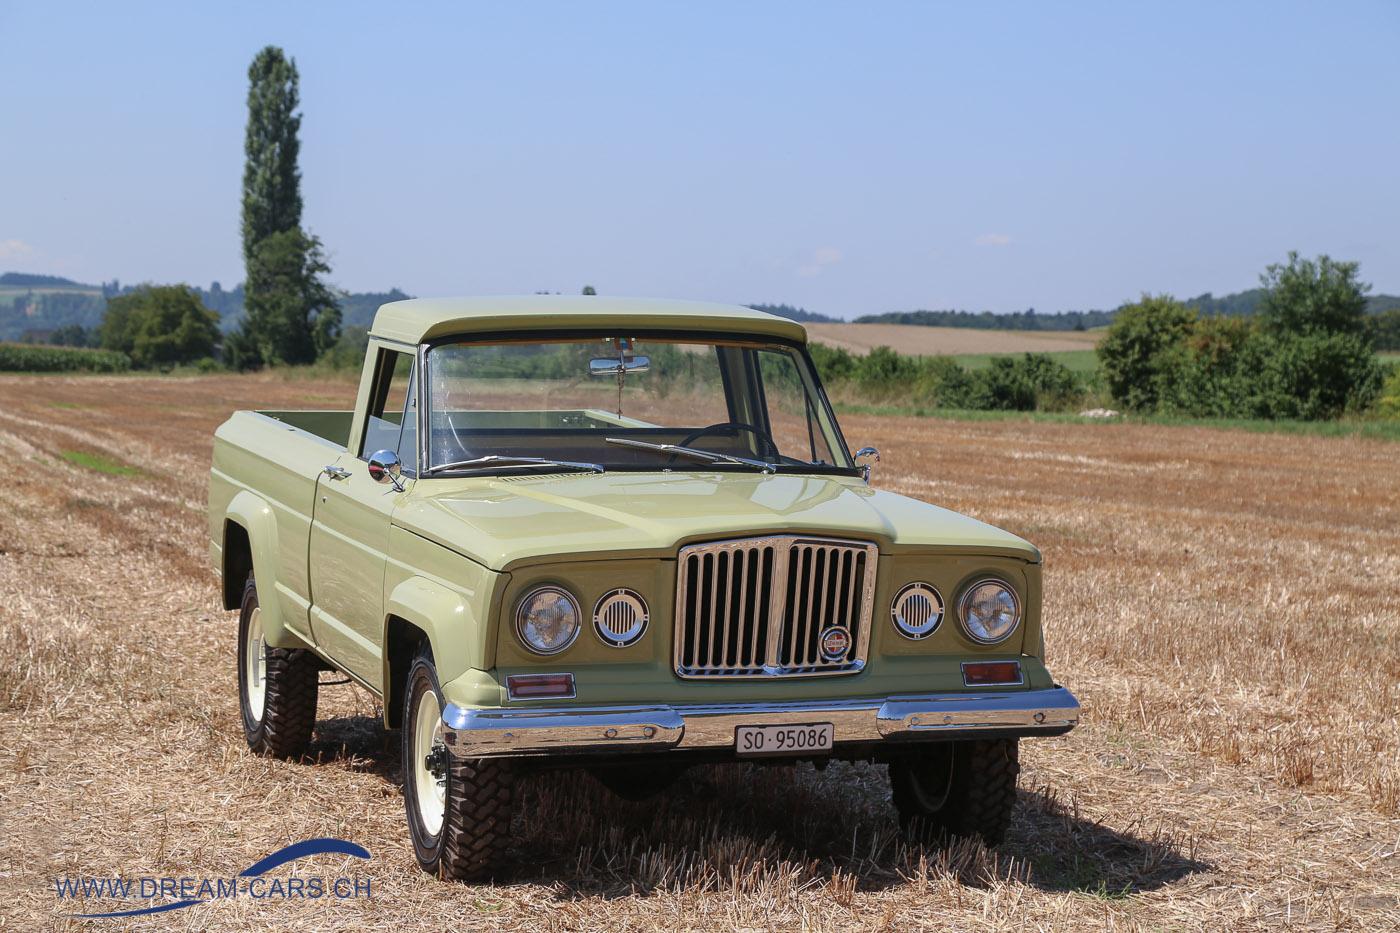 Oldtimertreffen Bleienbach, 29. Juli 2018. Ein Jeep Pickup aus den Sechzigerjahren in passender Umgebung